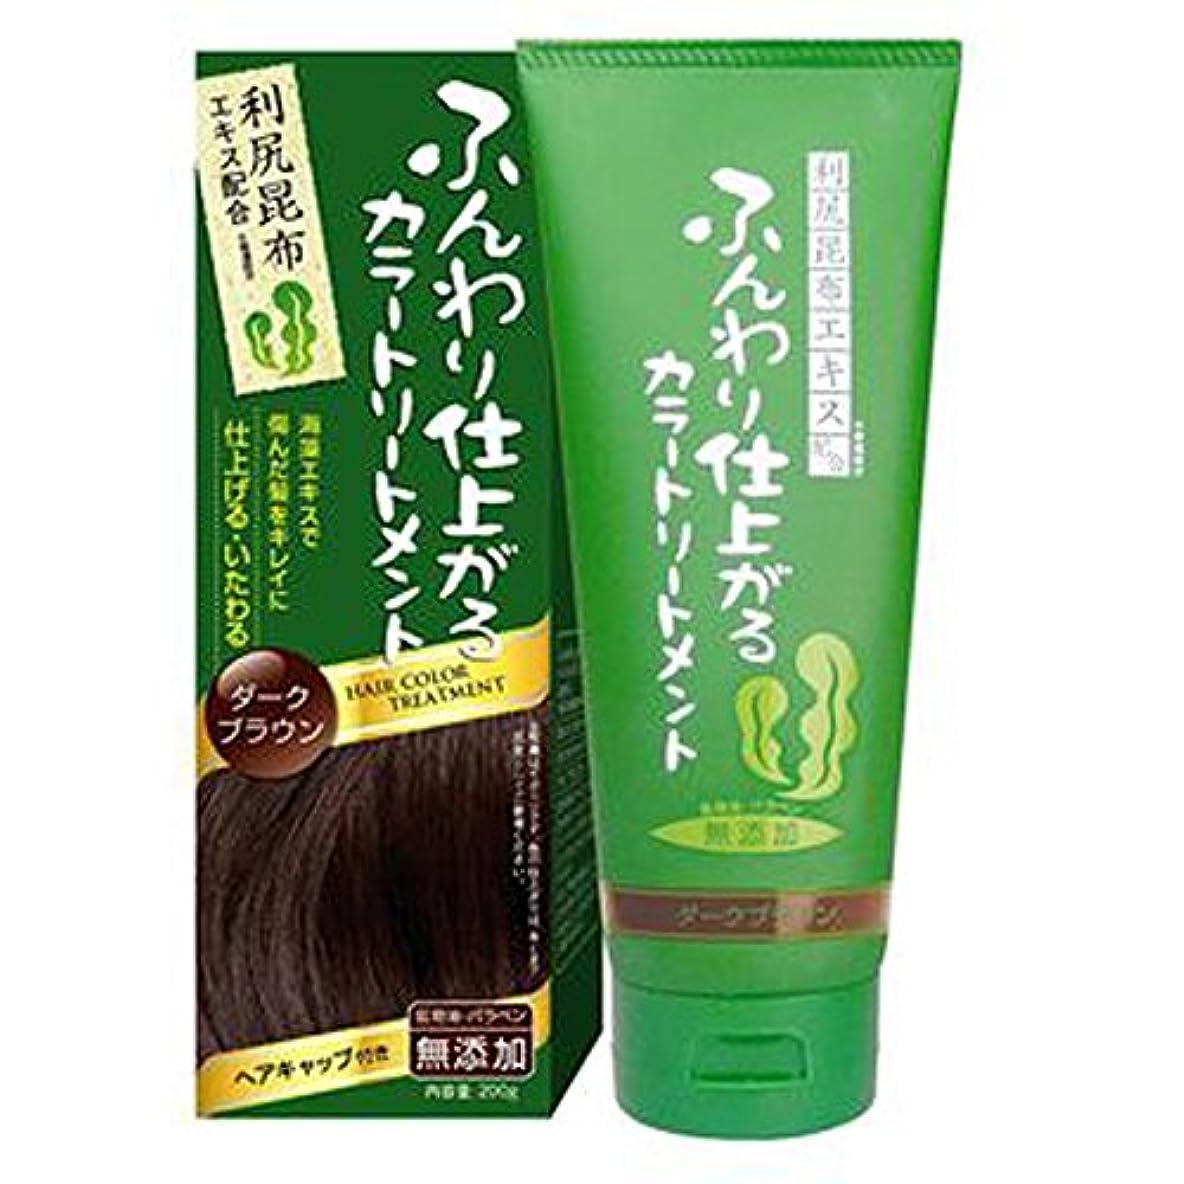 ヘッドレスコメントオリエンタルふんわり仕上がるカラートリートメント 白髪 染め 保湿 利尻昆布エキス配合 ヘアカラー (200g ダークブラウン) rishiri-haircolor-200g-dbr